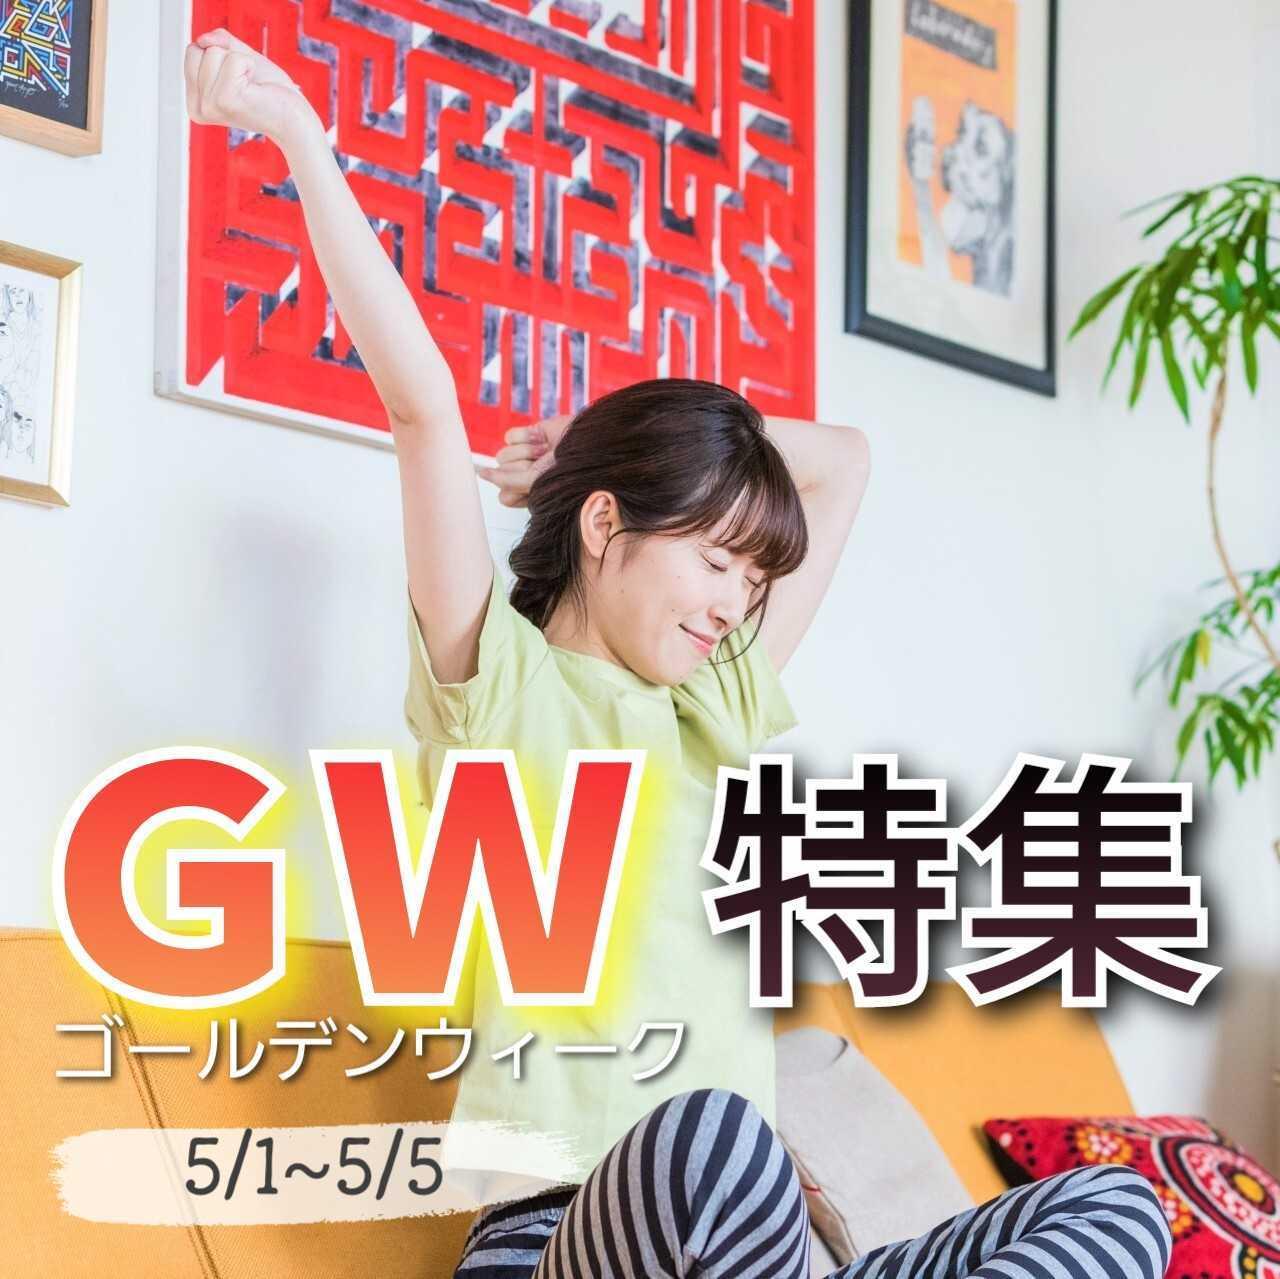 GWを楽しむためのおすすめの過ごし方10選!!